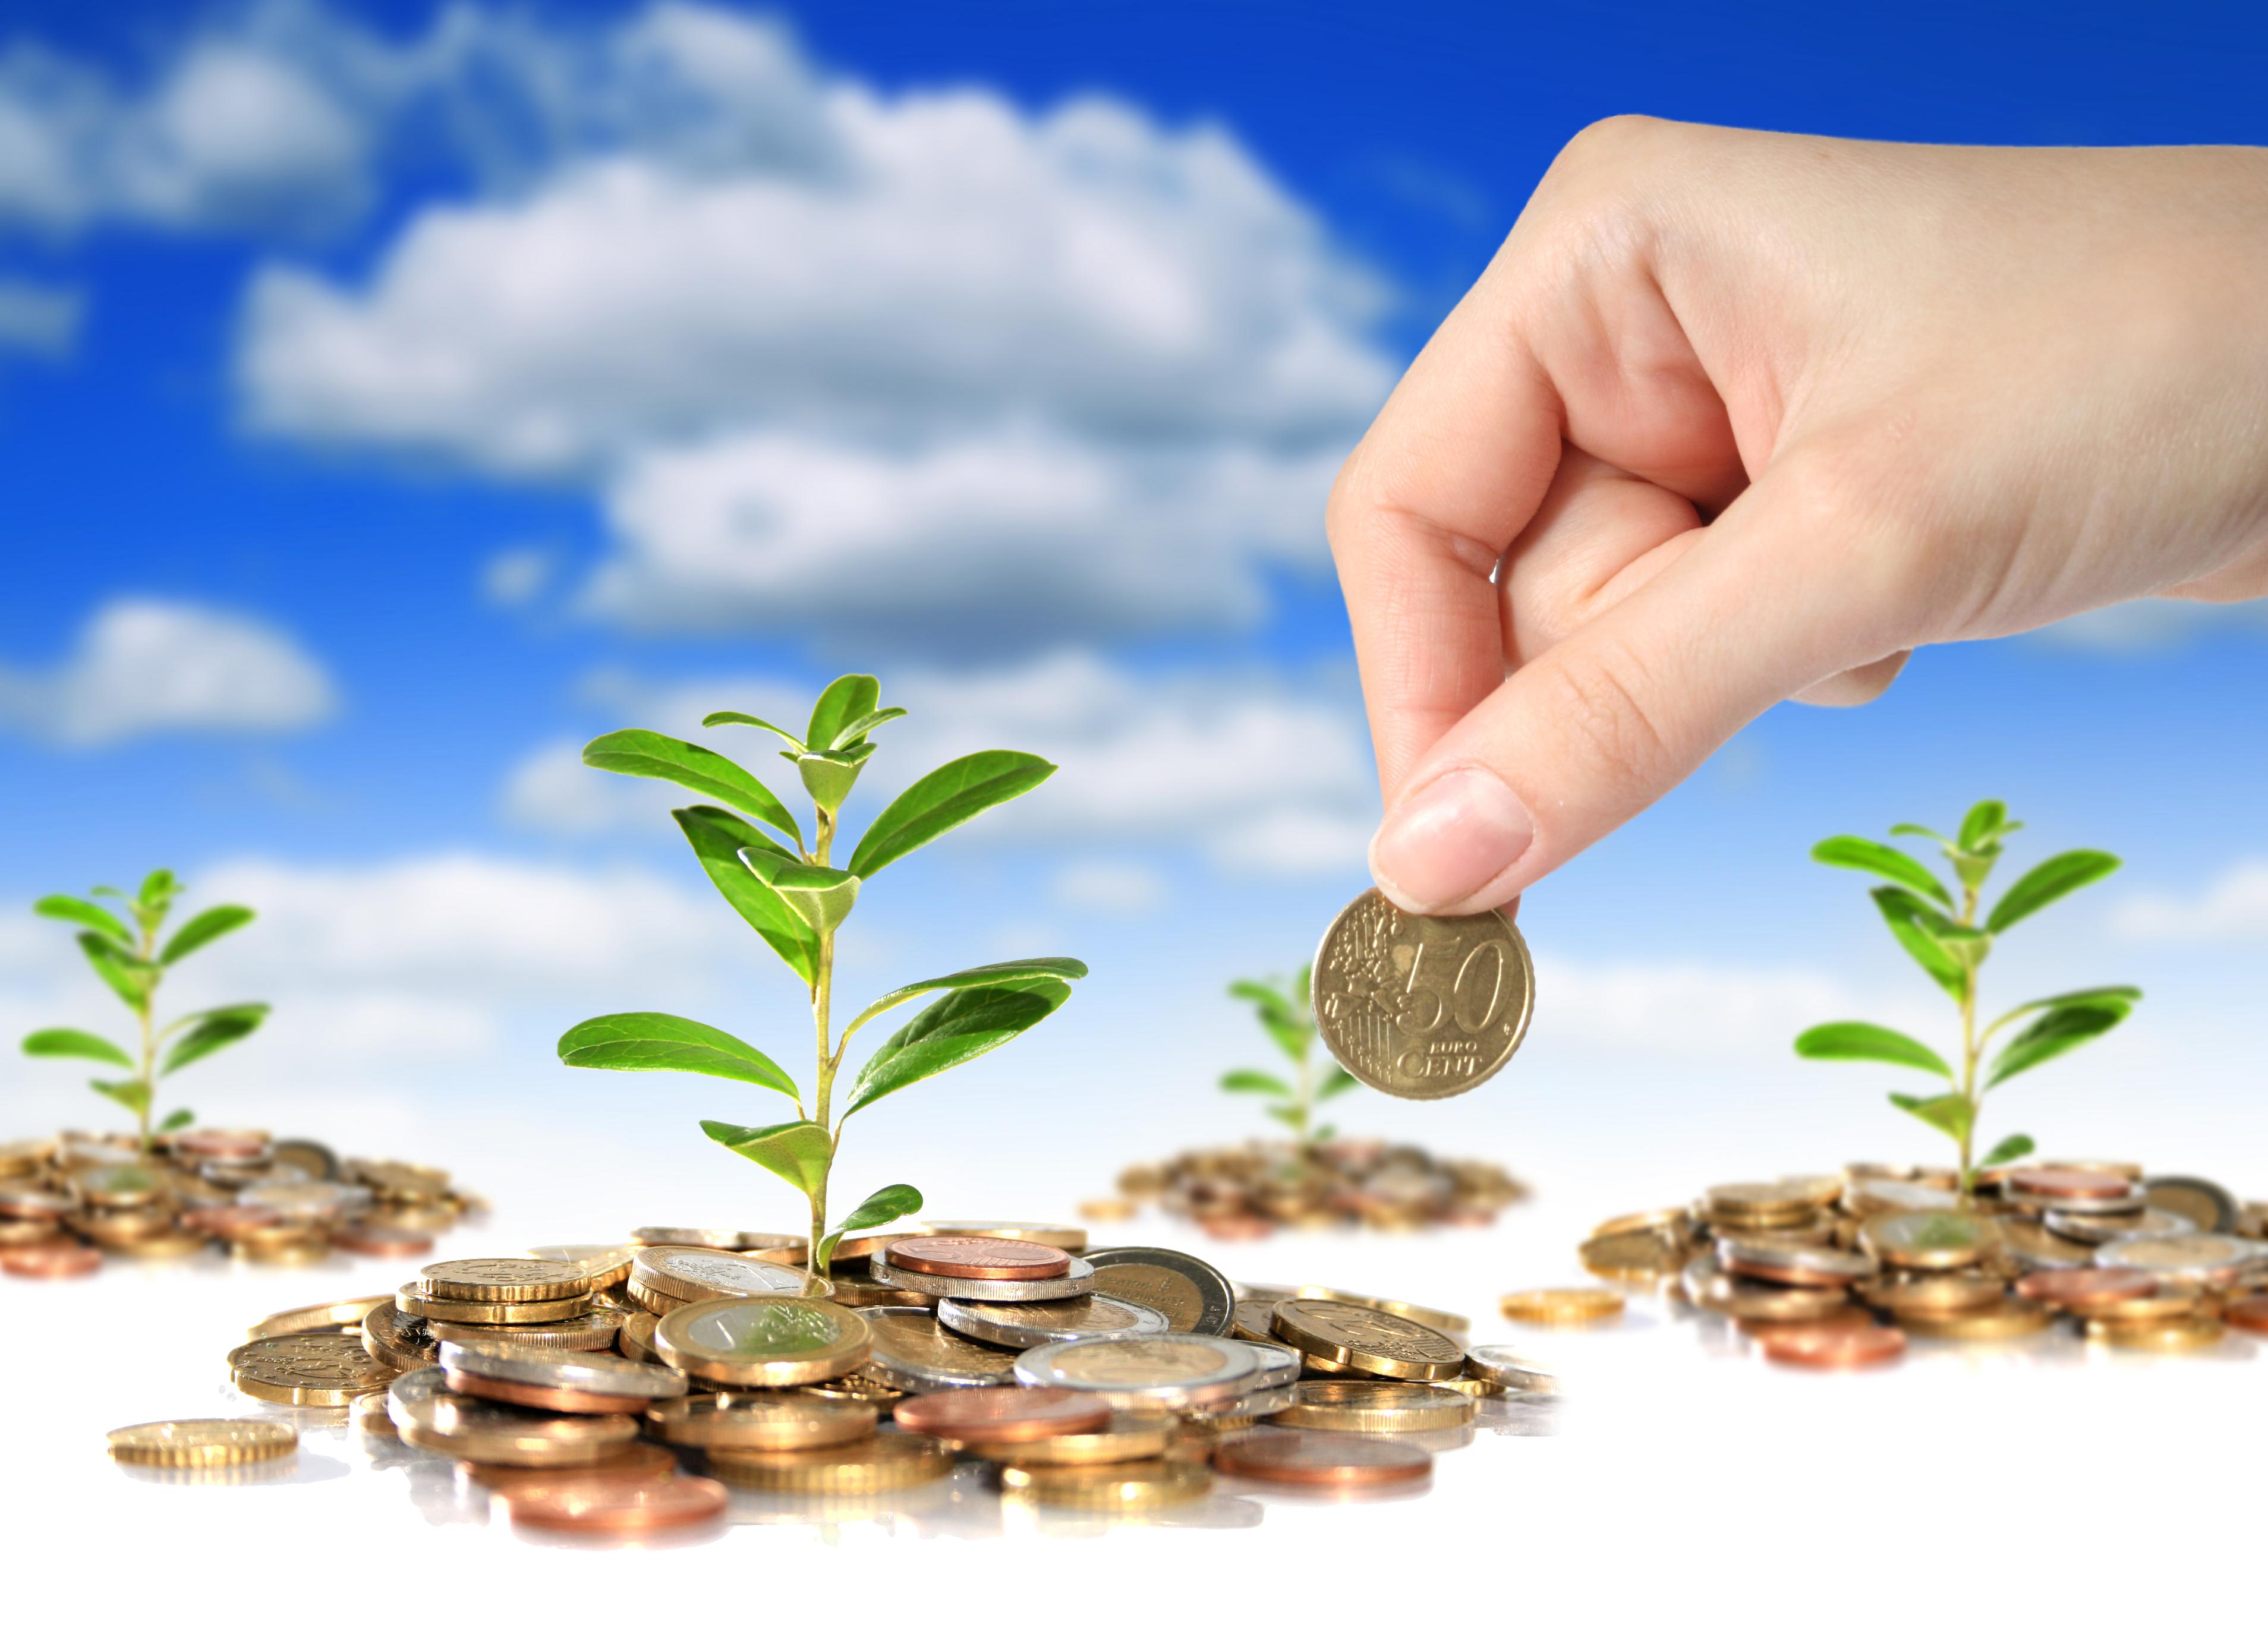 Инвестиции как способ получить ВНЖ в Латвии